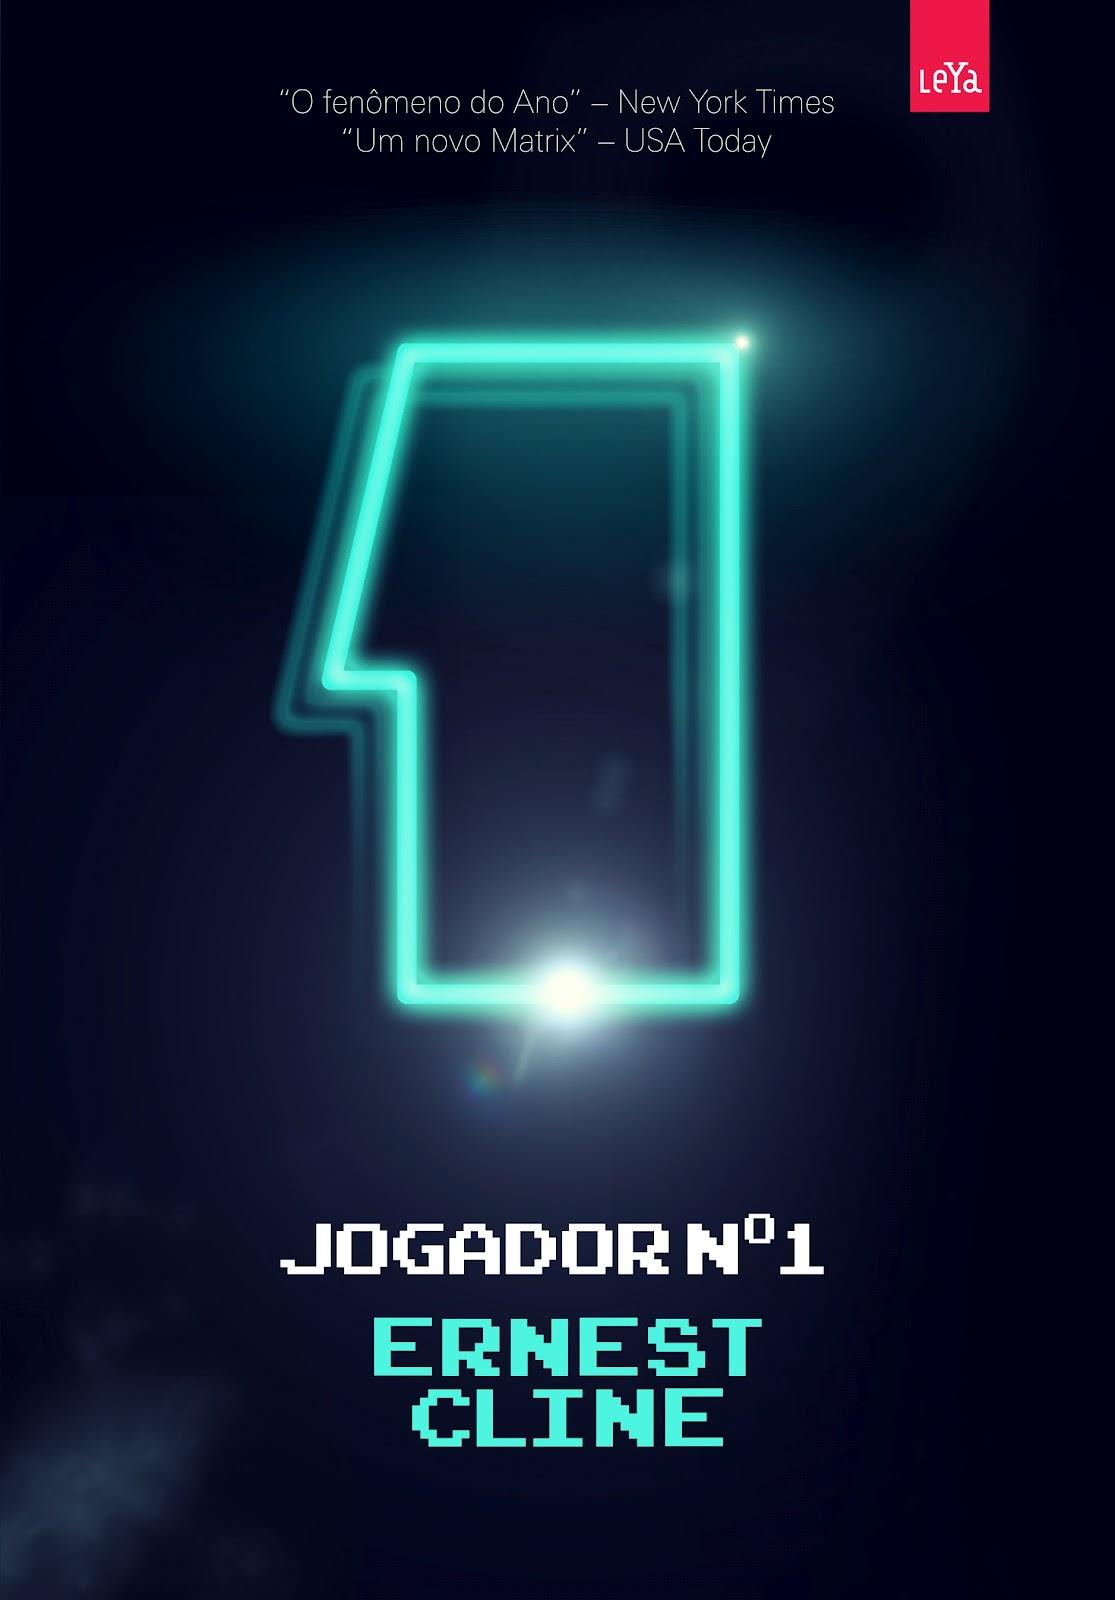 jogador-n11